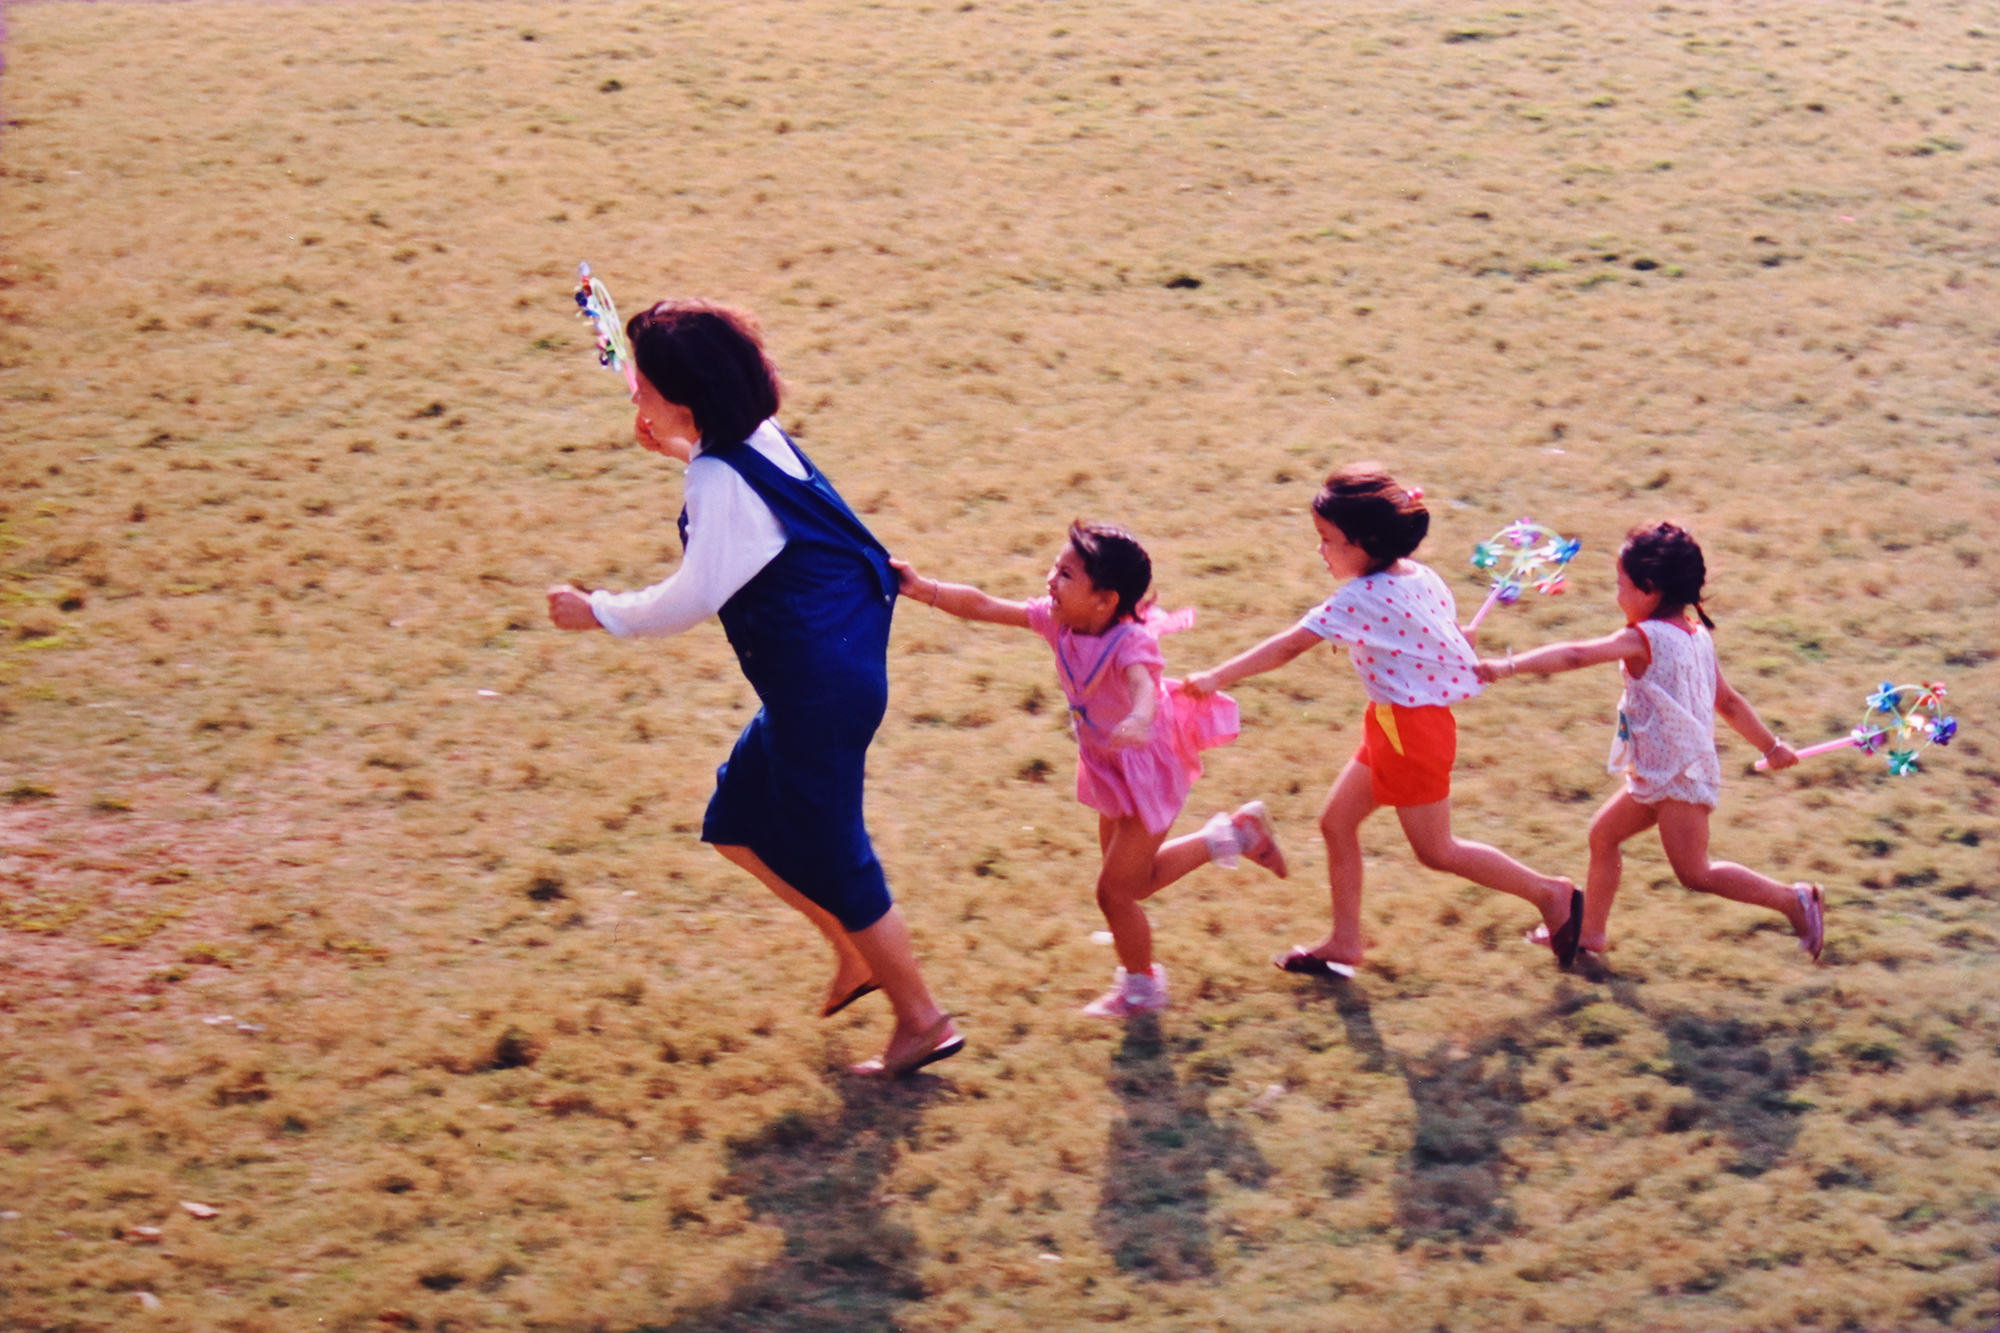 008-76年社會福利攝影比賽  金牌獎  追逐樂